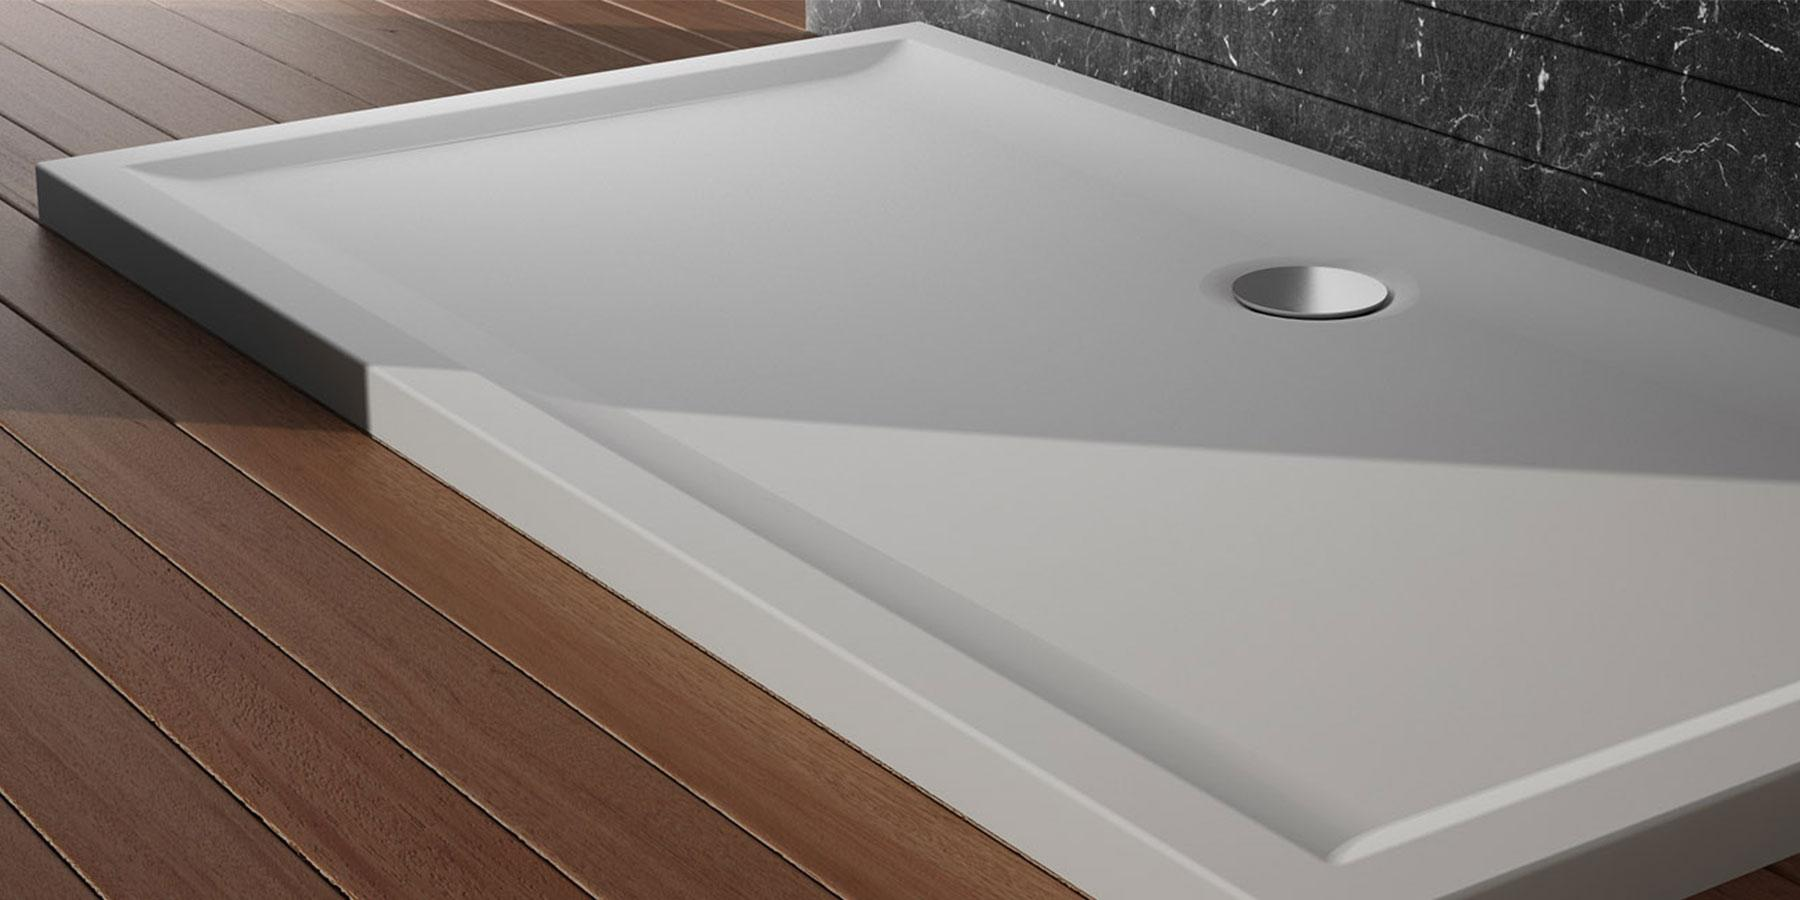 Piatto doccia: scegli il modello giusto con Relax Design